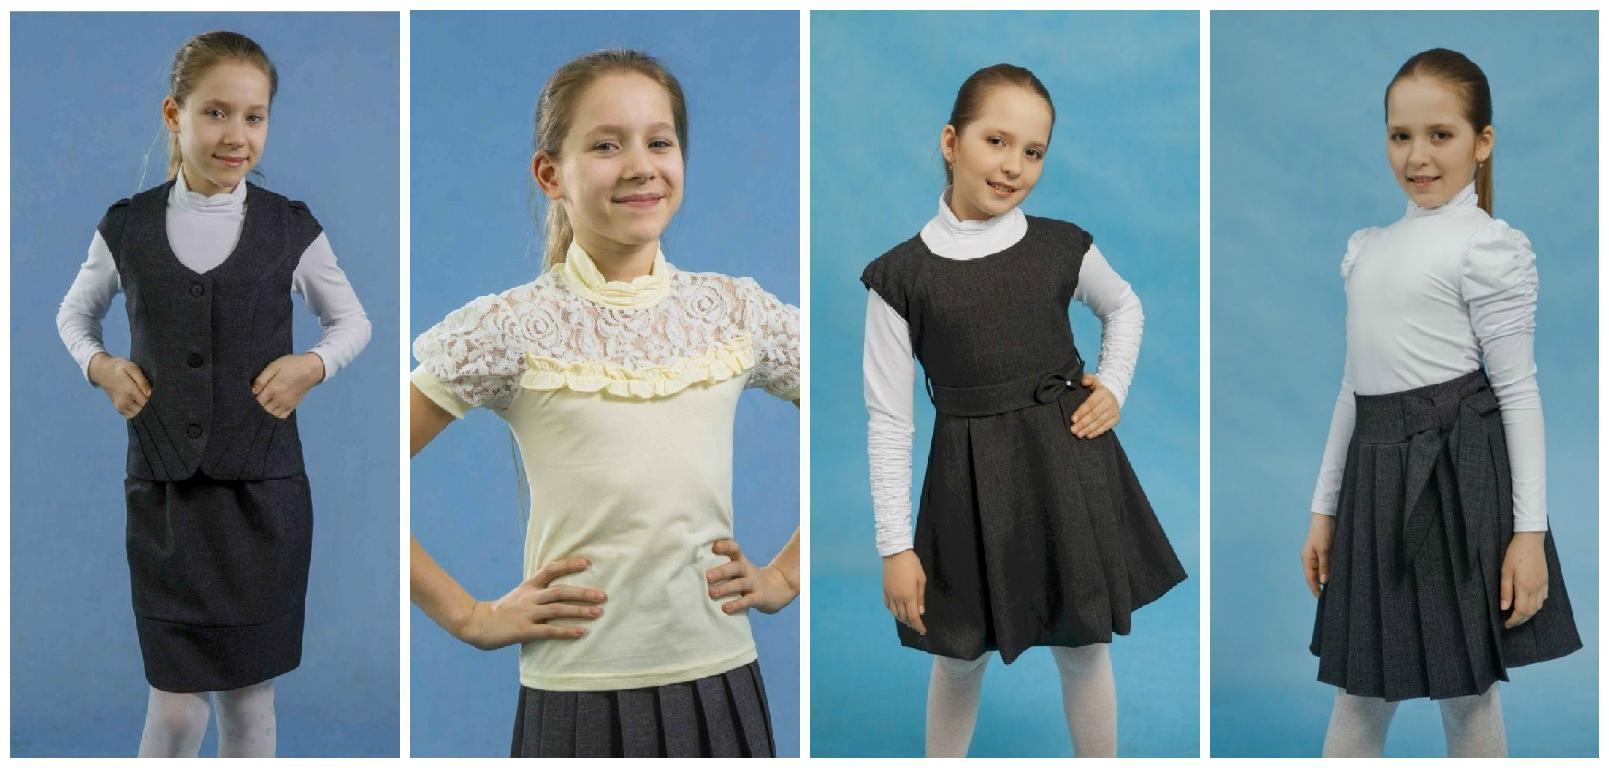 Сбор заказов. Красивая школьная форма для девочек. Водолазки по 295 руб, сарафаны и платья 900 руб, юбки, жилеты. Цены Вас приятно удивят. Без рядов ! Выкуп- 2.